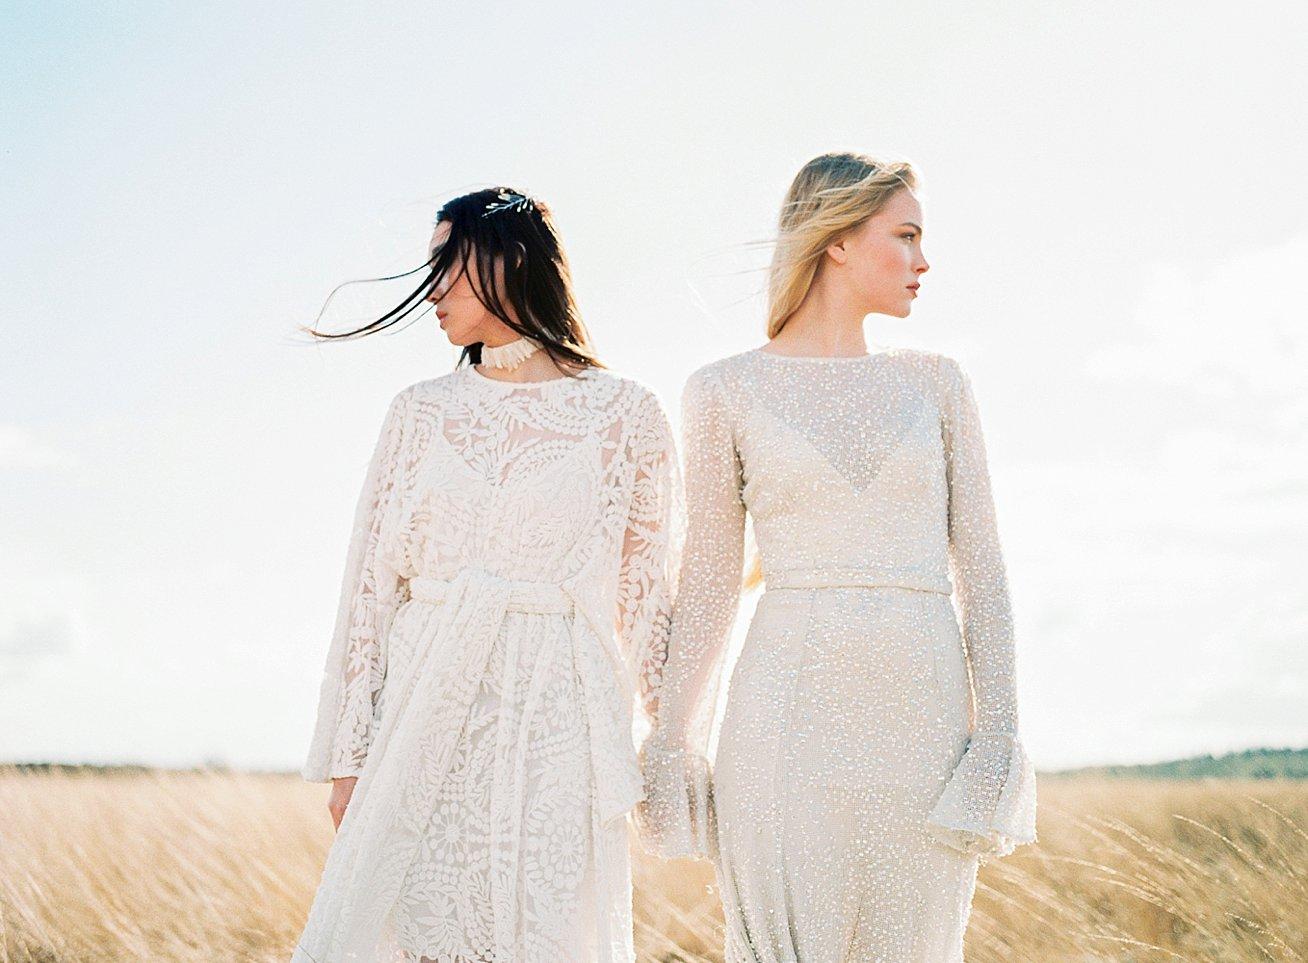 Amanda-Drost-modefotograaf-fashion-photography-editorial-odylyne-weddingdress_0010.jpg